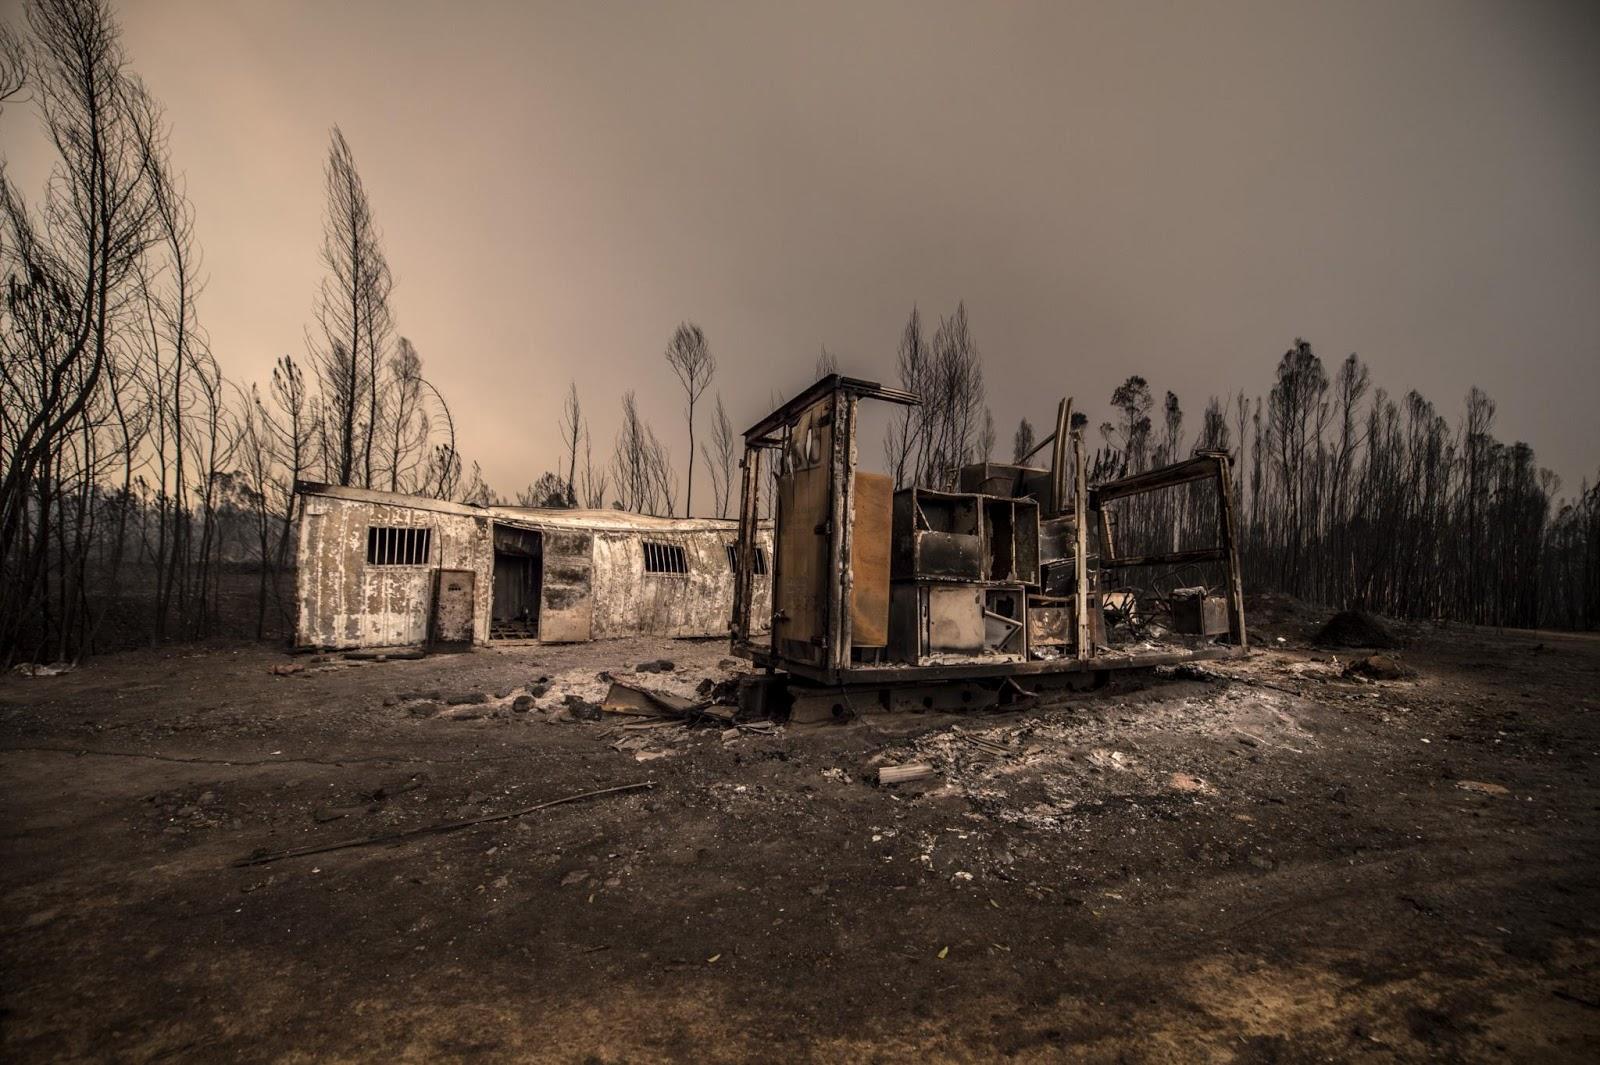 Inferno Em Chamas Ele um jeito manso: com parte do meu país caído num inferno em chamas